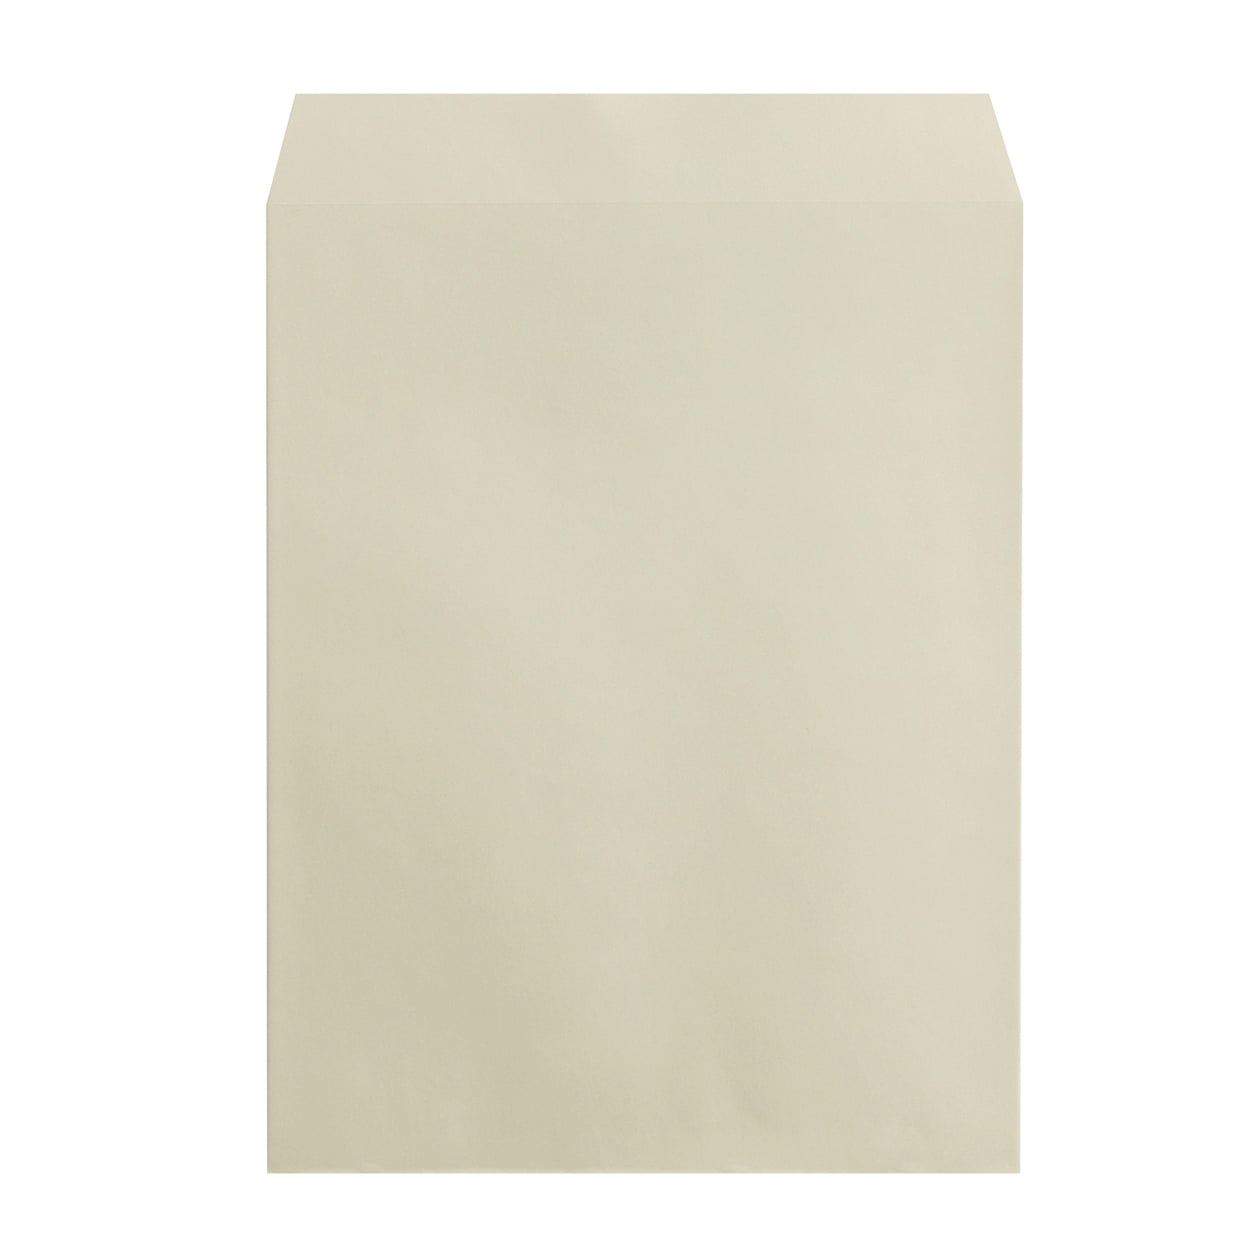 角3封筒 エコフレンドリーカラー ミストグレイ 100g